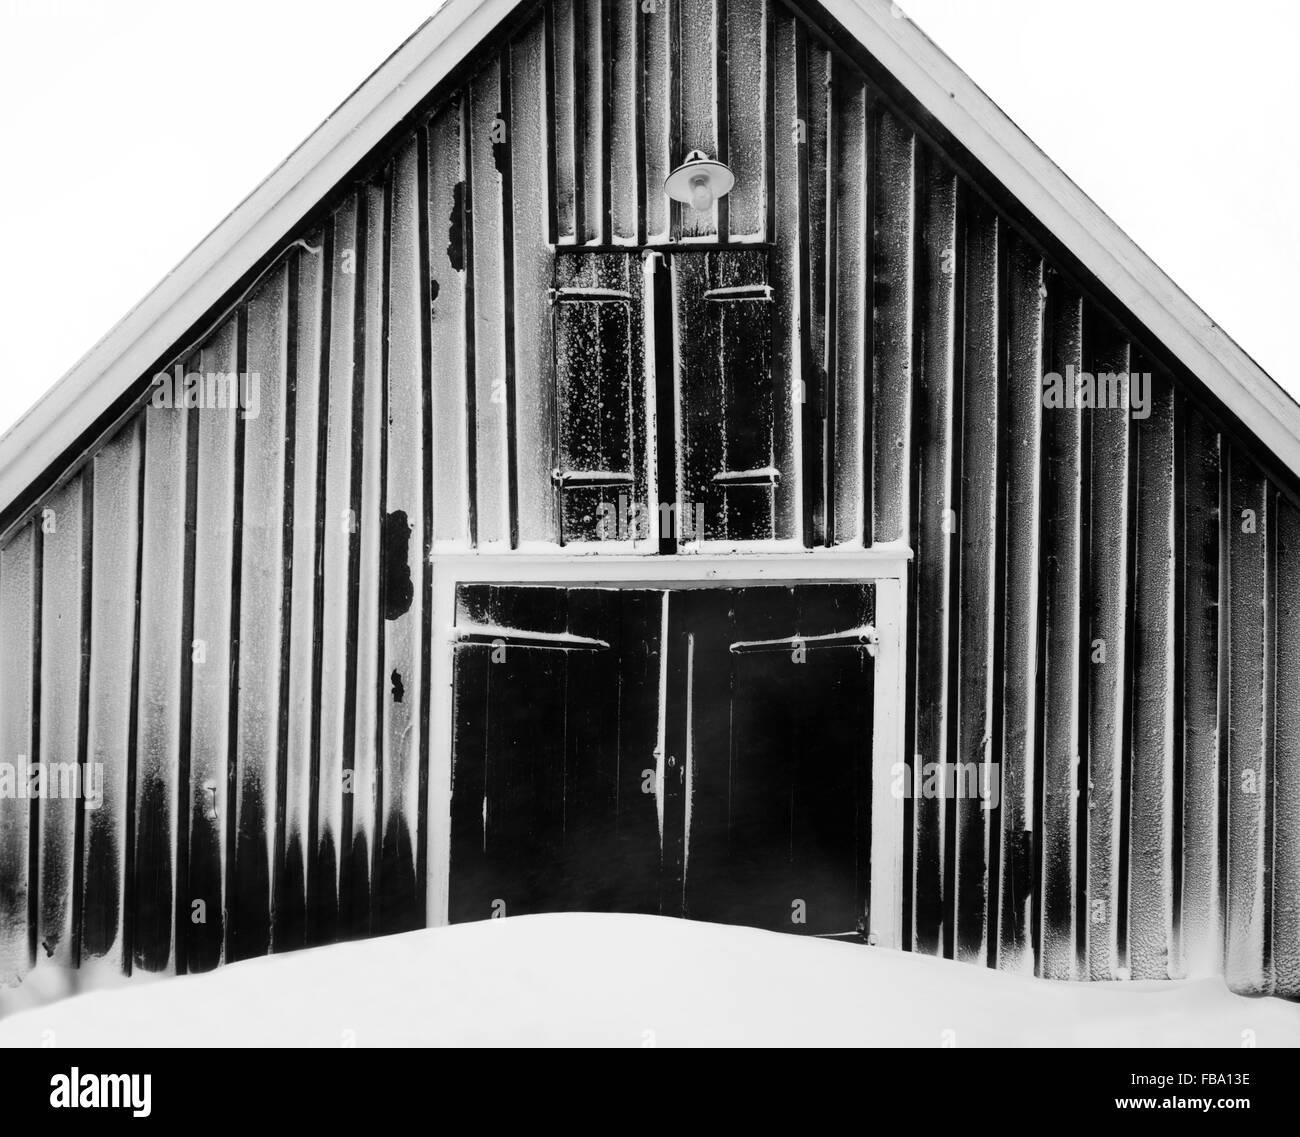 Schweden, Ostergotland, Scheune im winter Stockbild